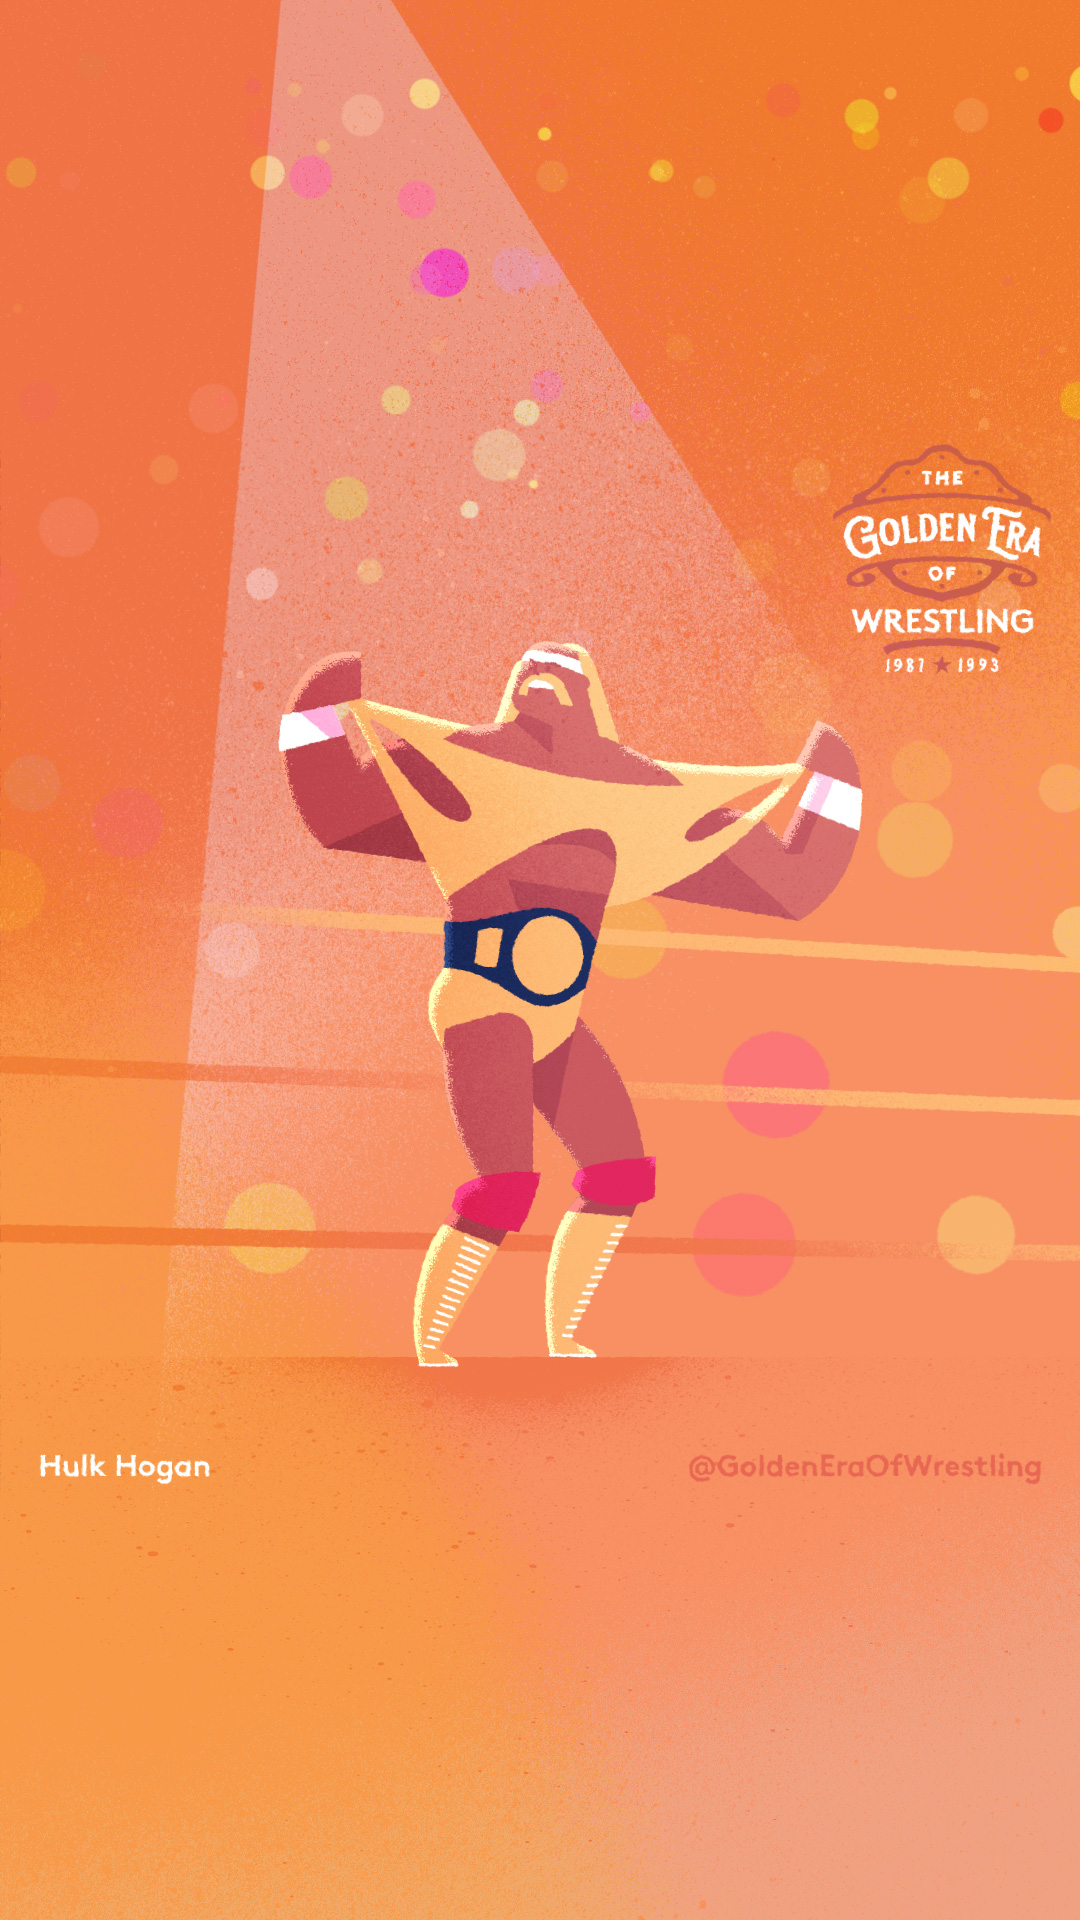 1 - Hulk Hogan.jpg